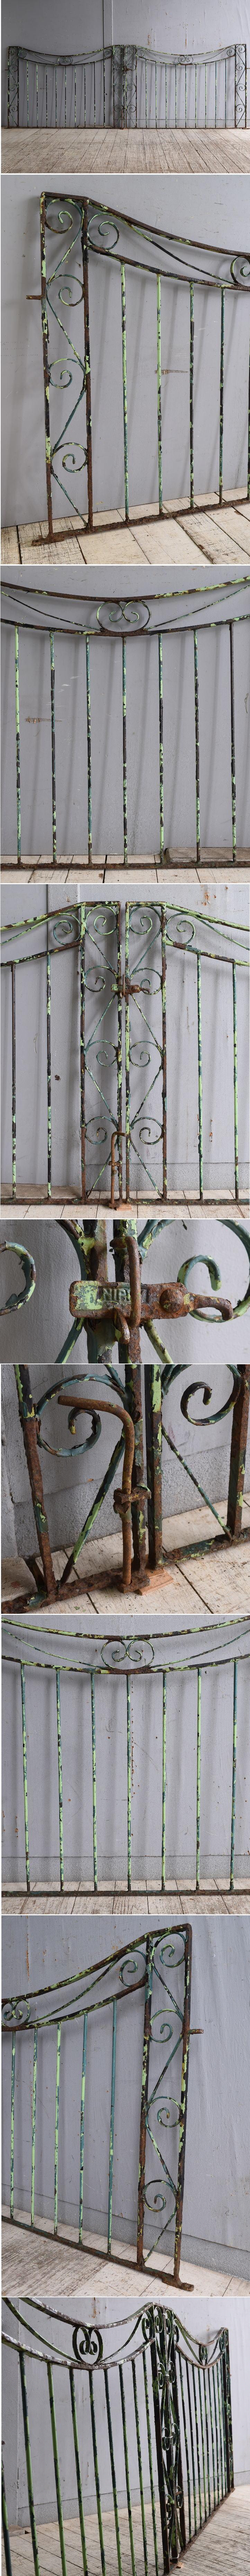 イギリスアンティーク アイアンフェンス ゲート柵 ガーデニング 10243